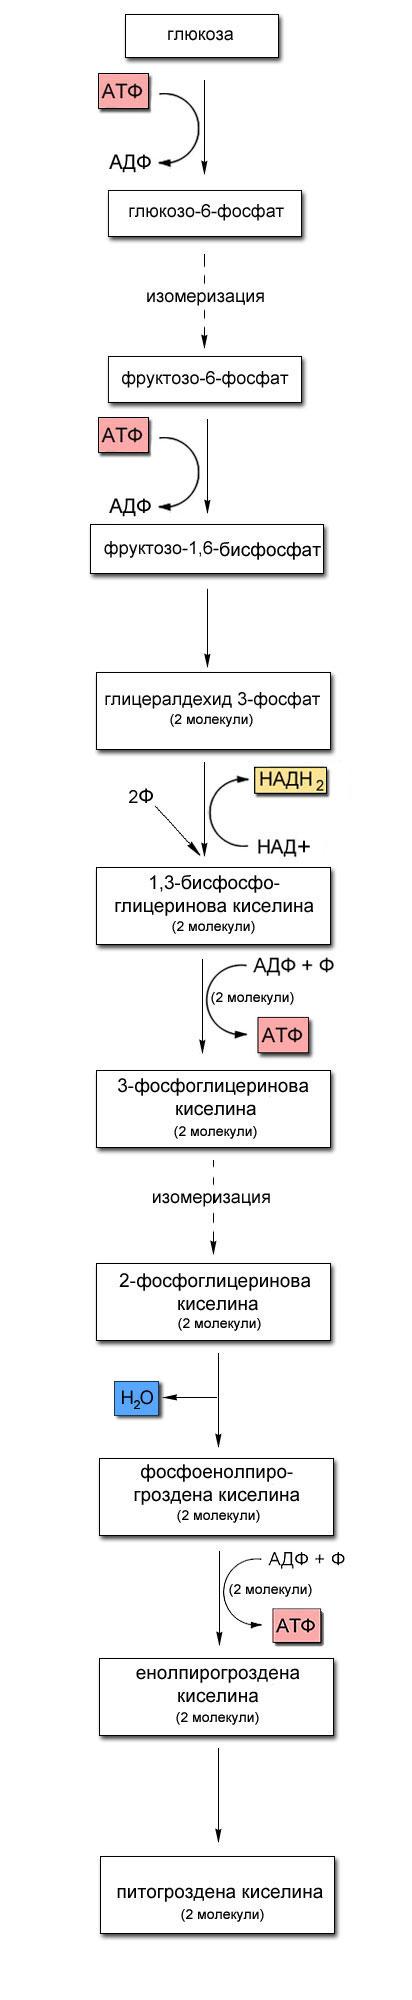 Гликолиза - анаеробно разграждане на глюкозата